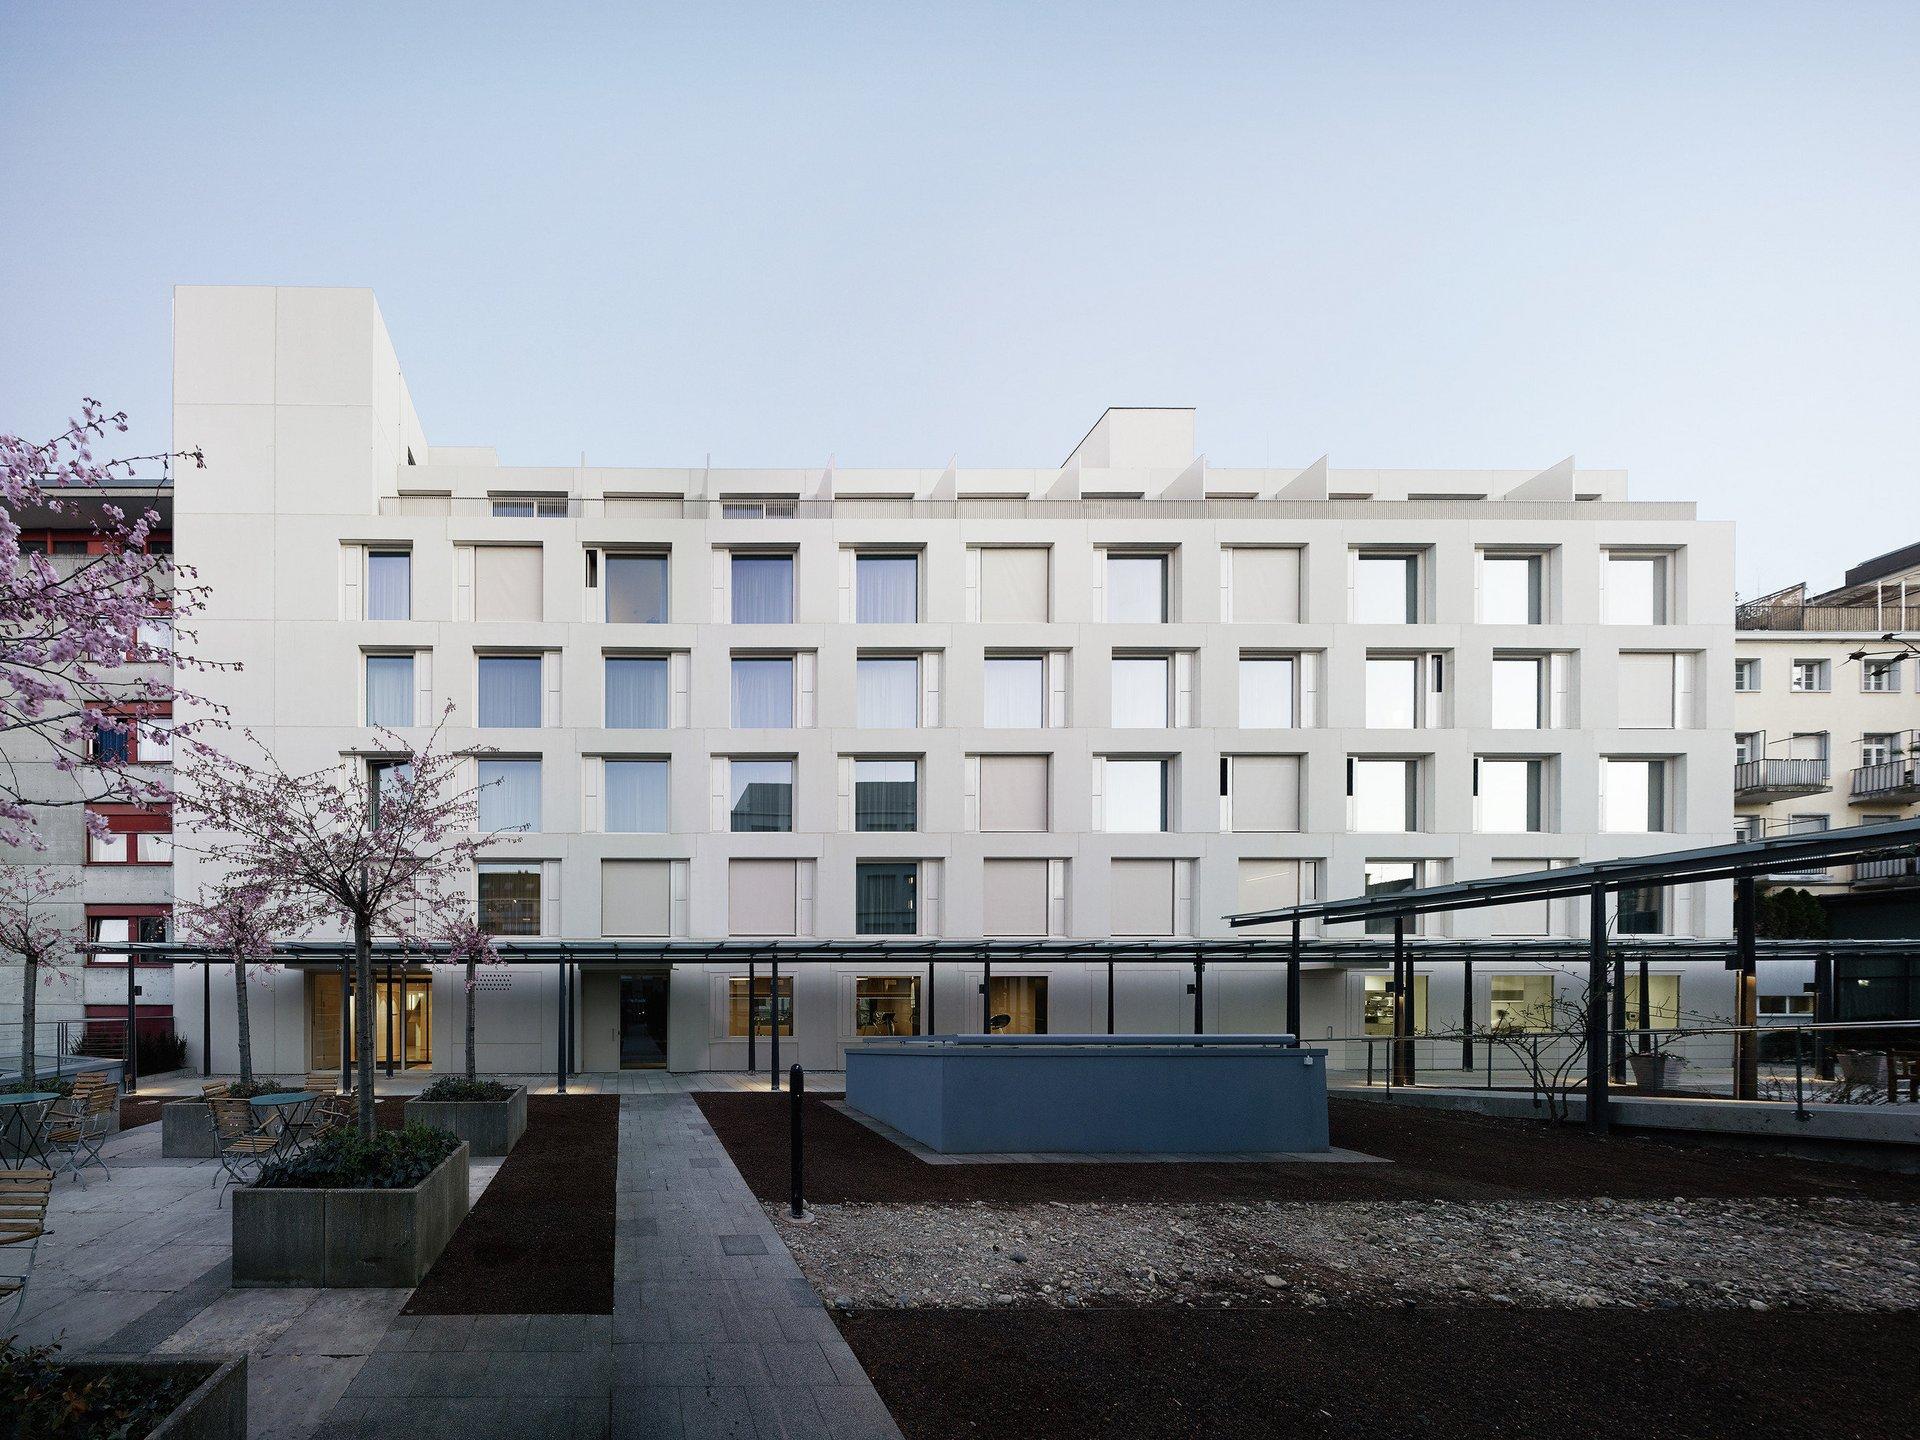 Hotel Frontansicht mit flächenbündigen Holz-Metallfensterelementen